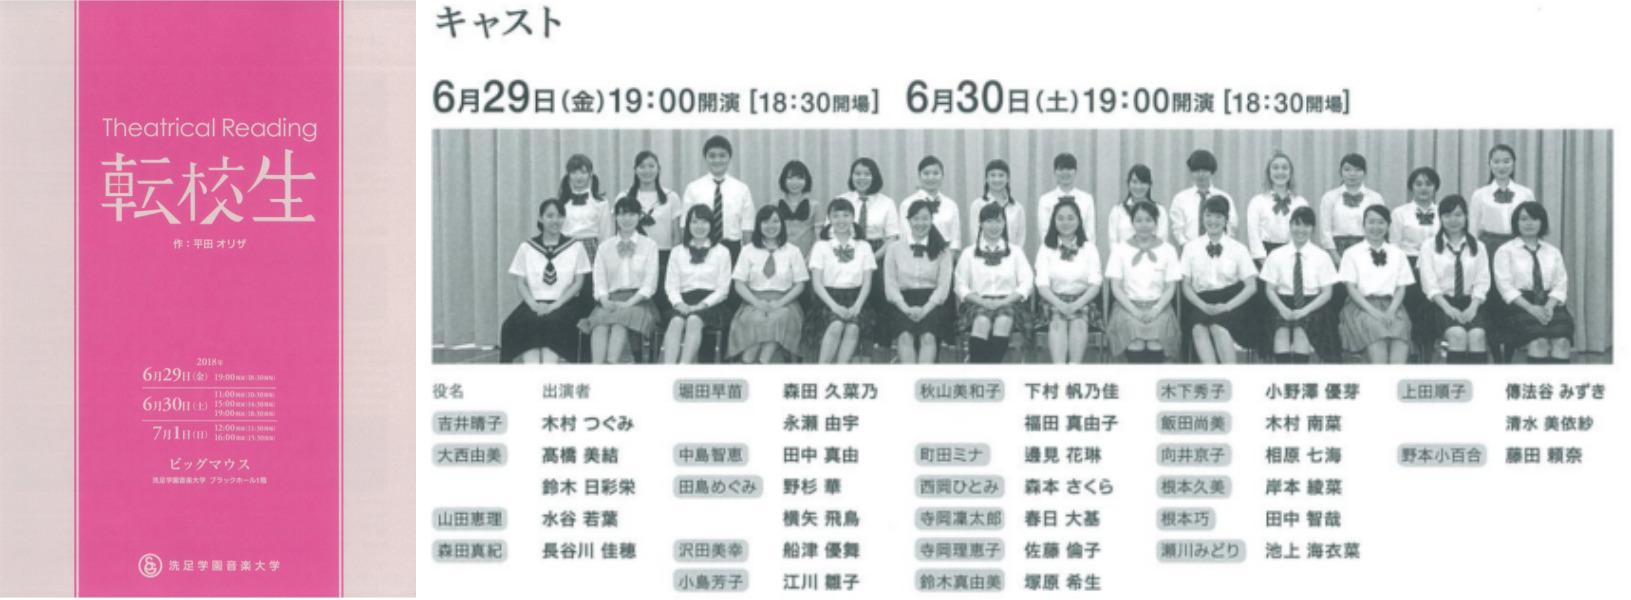 清水美依紗の大学は洗足音大で確定?歌うまい理由を経歴から調査!